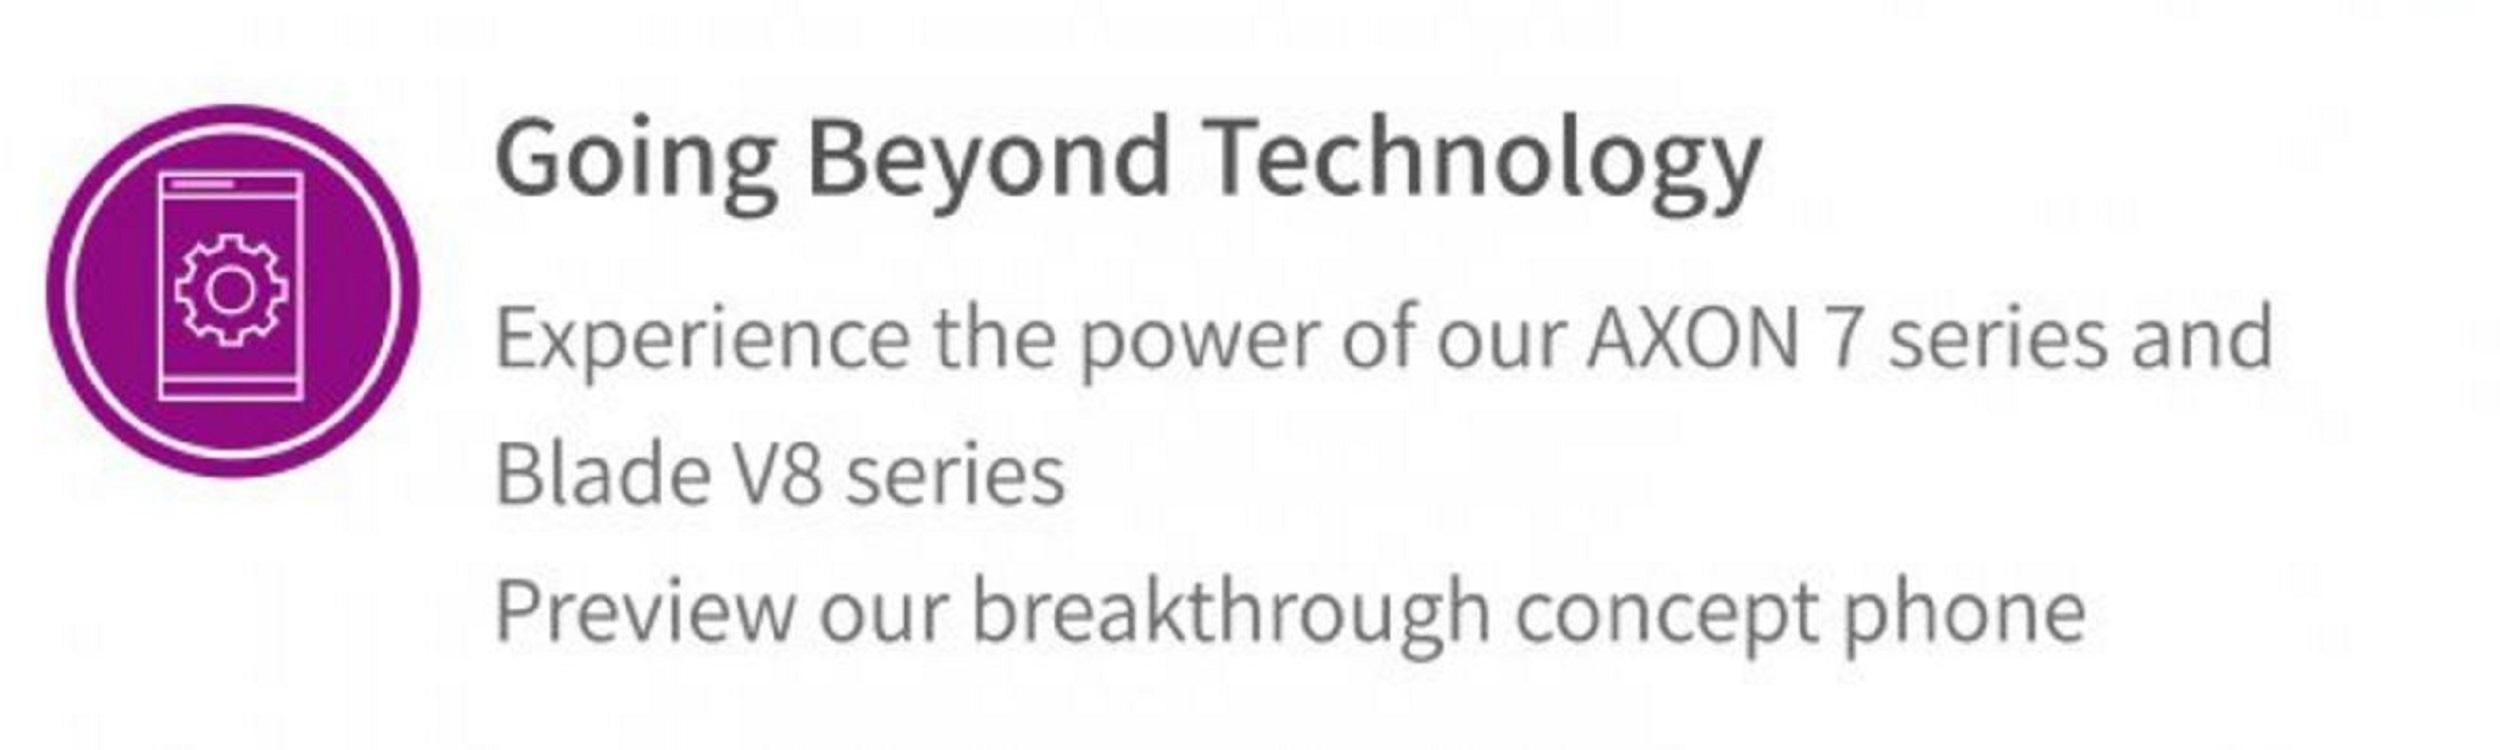 中兴将在MWC 2017展示5G成果